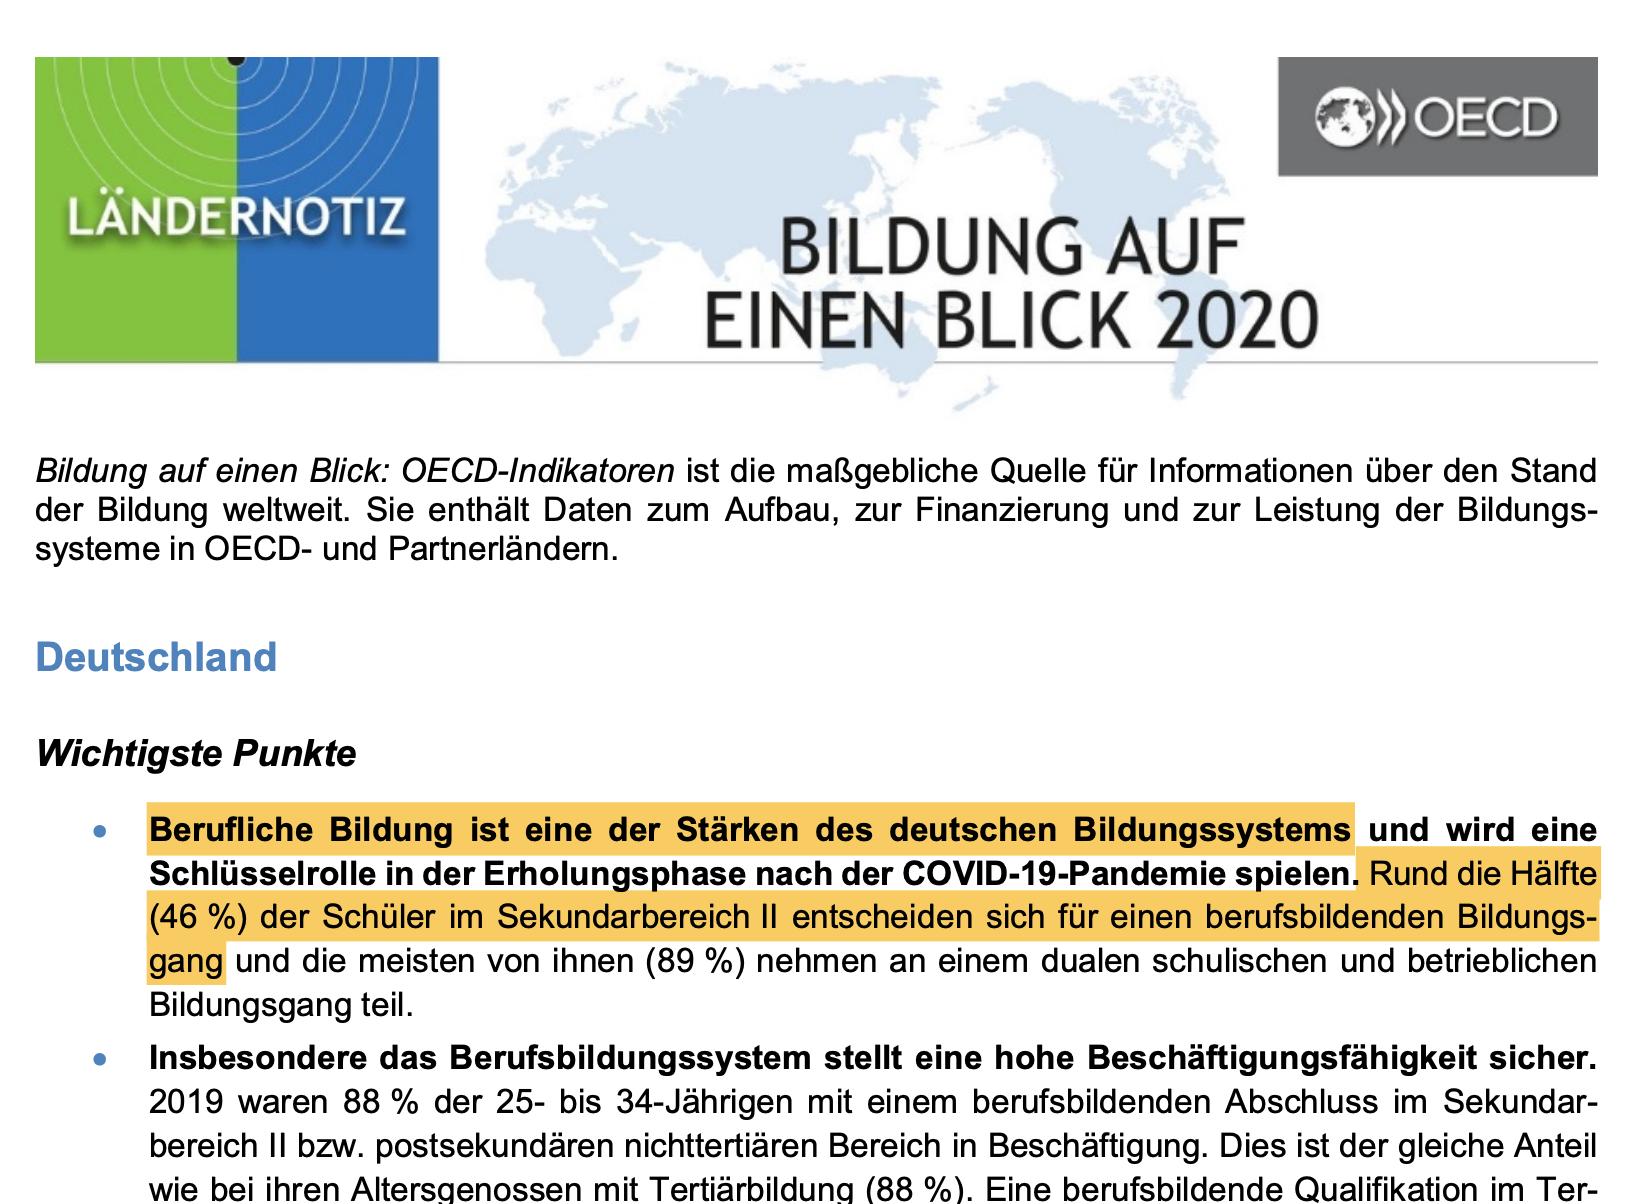 Berufliche Bildung ist eine der Stärken des deutschen Bildungssystems und wird eine Schlüsselrolle in der Erholungsphase nach der COVID-19-Pandemie spielen. Rund die Hälfte (46 %) der Schüler im Sekundarbereich II entscheiden sich für einen berufsbildenden Bildungs- gang und die meisten von ihnen (89 %) nehmen an einem dualen schulischen und betrieblichen Bildungsgang teil.